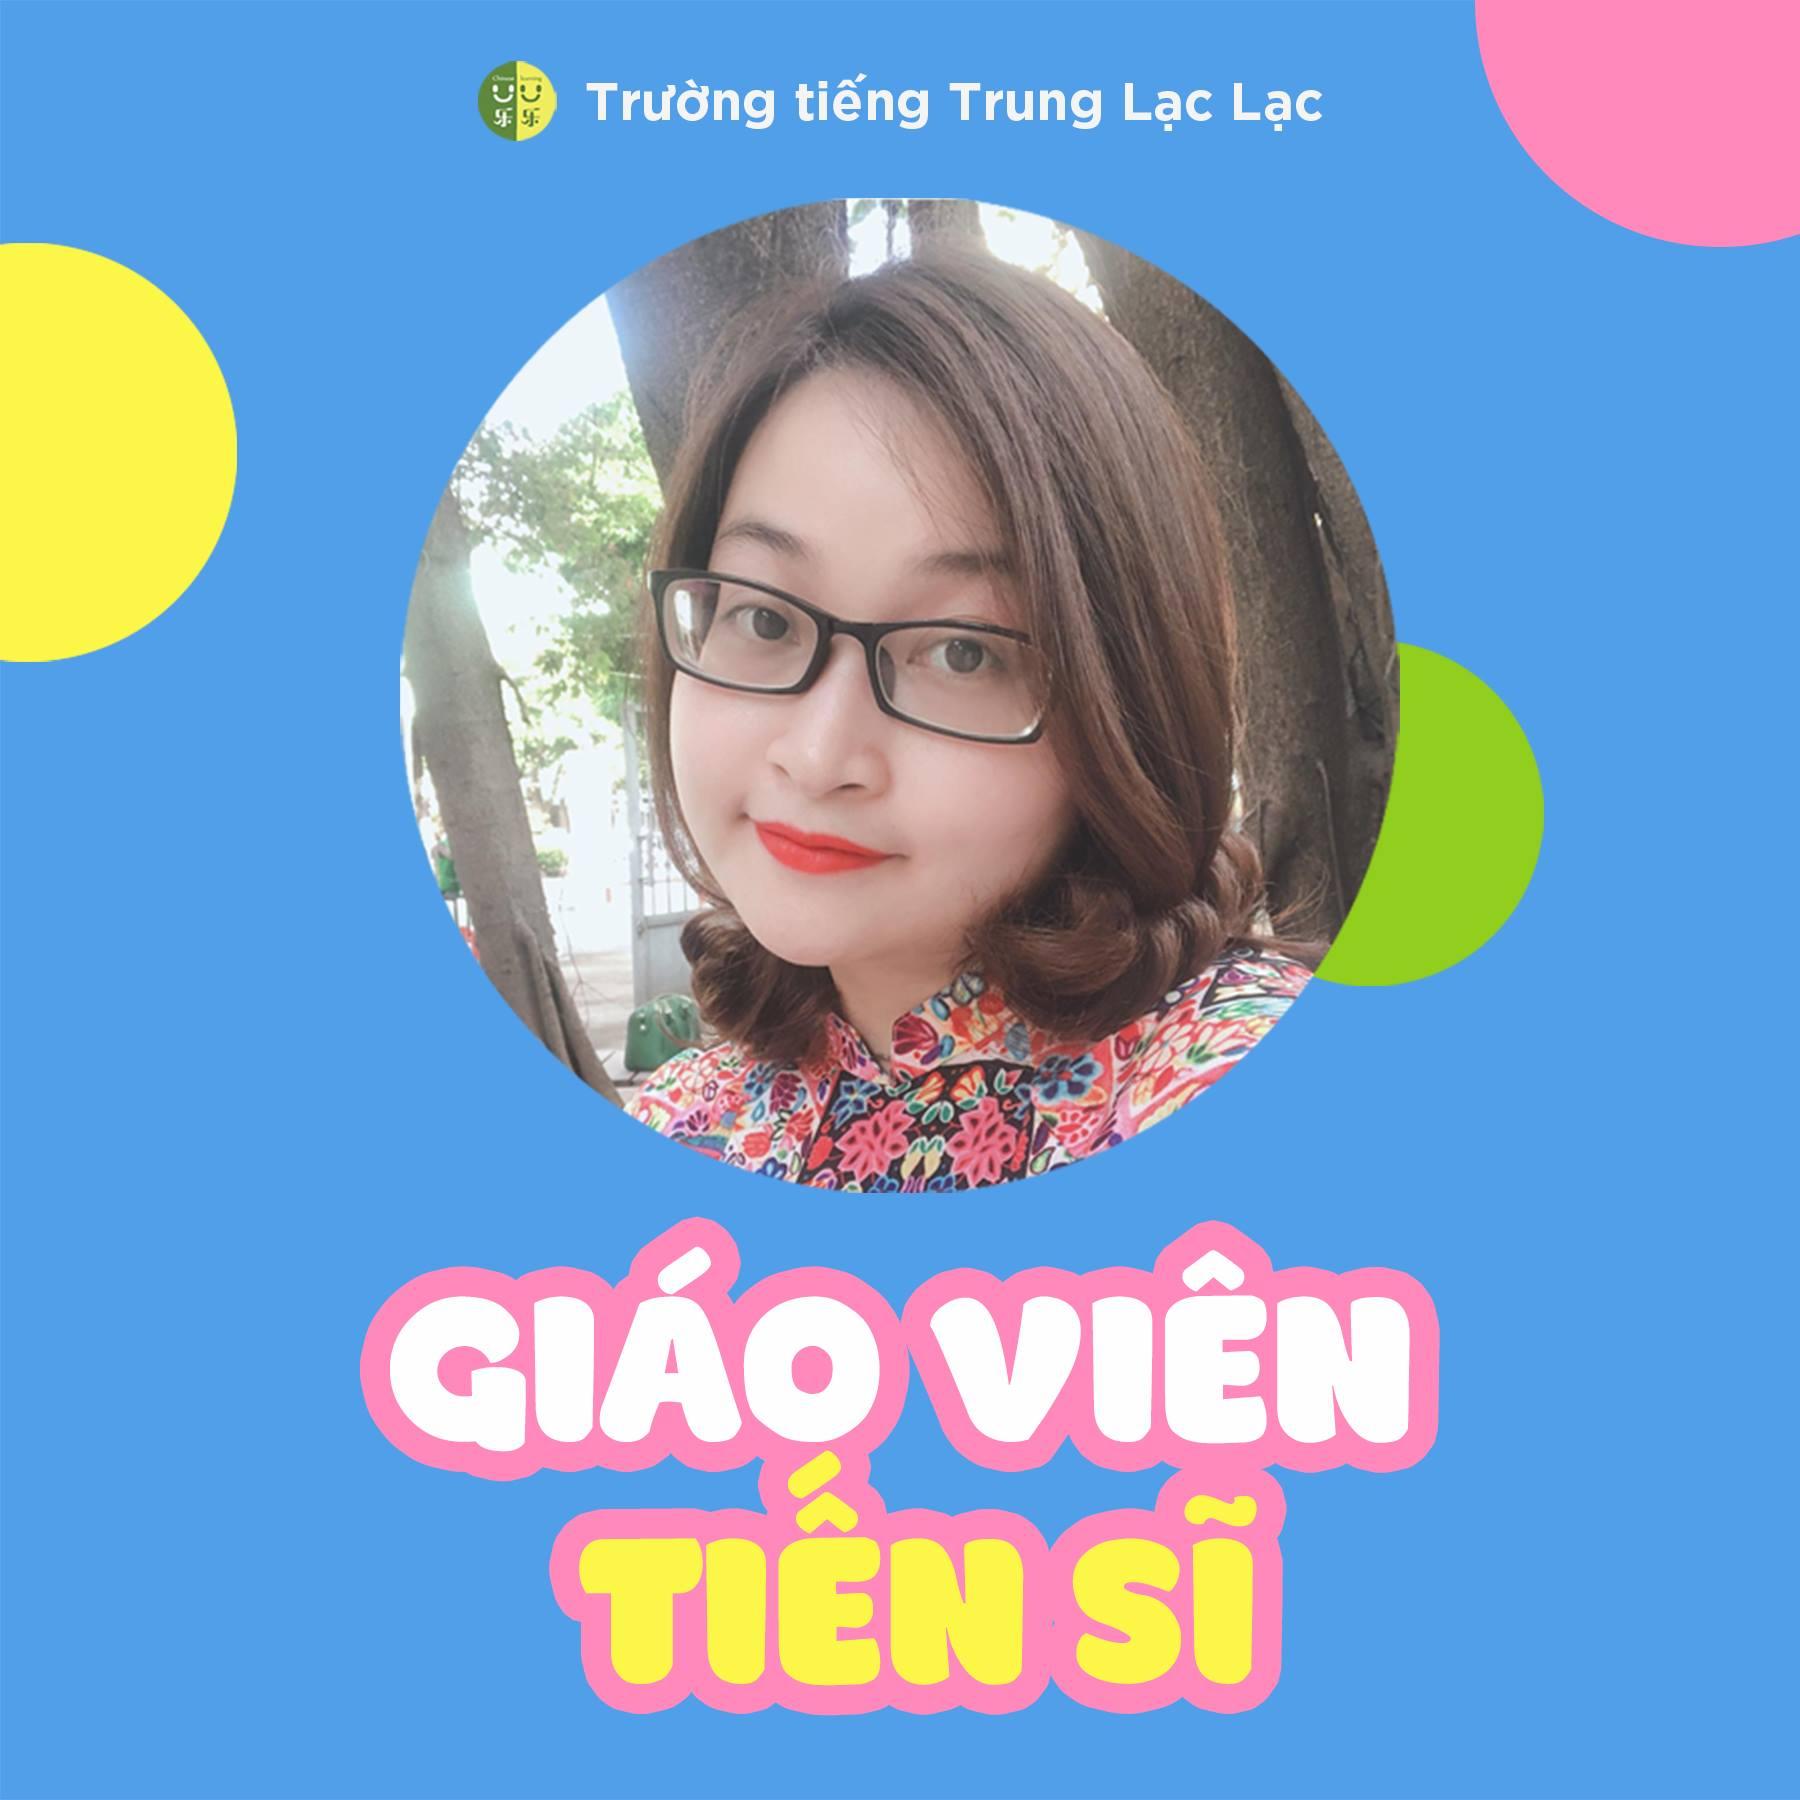 giáo viên dạy tiếng trung cho trẻ em Hà Nội